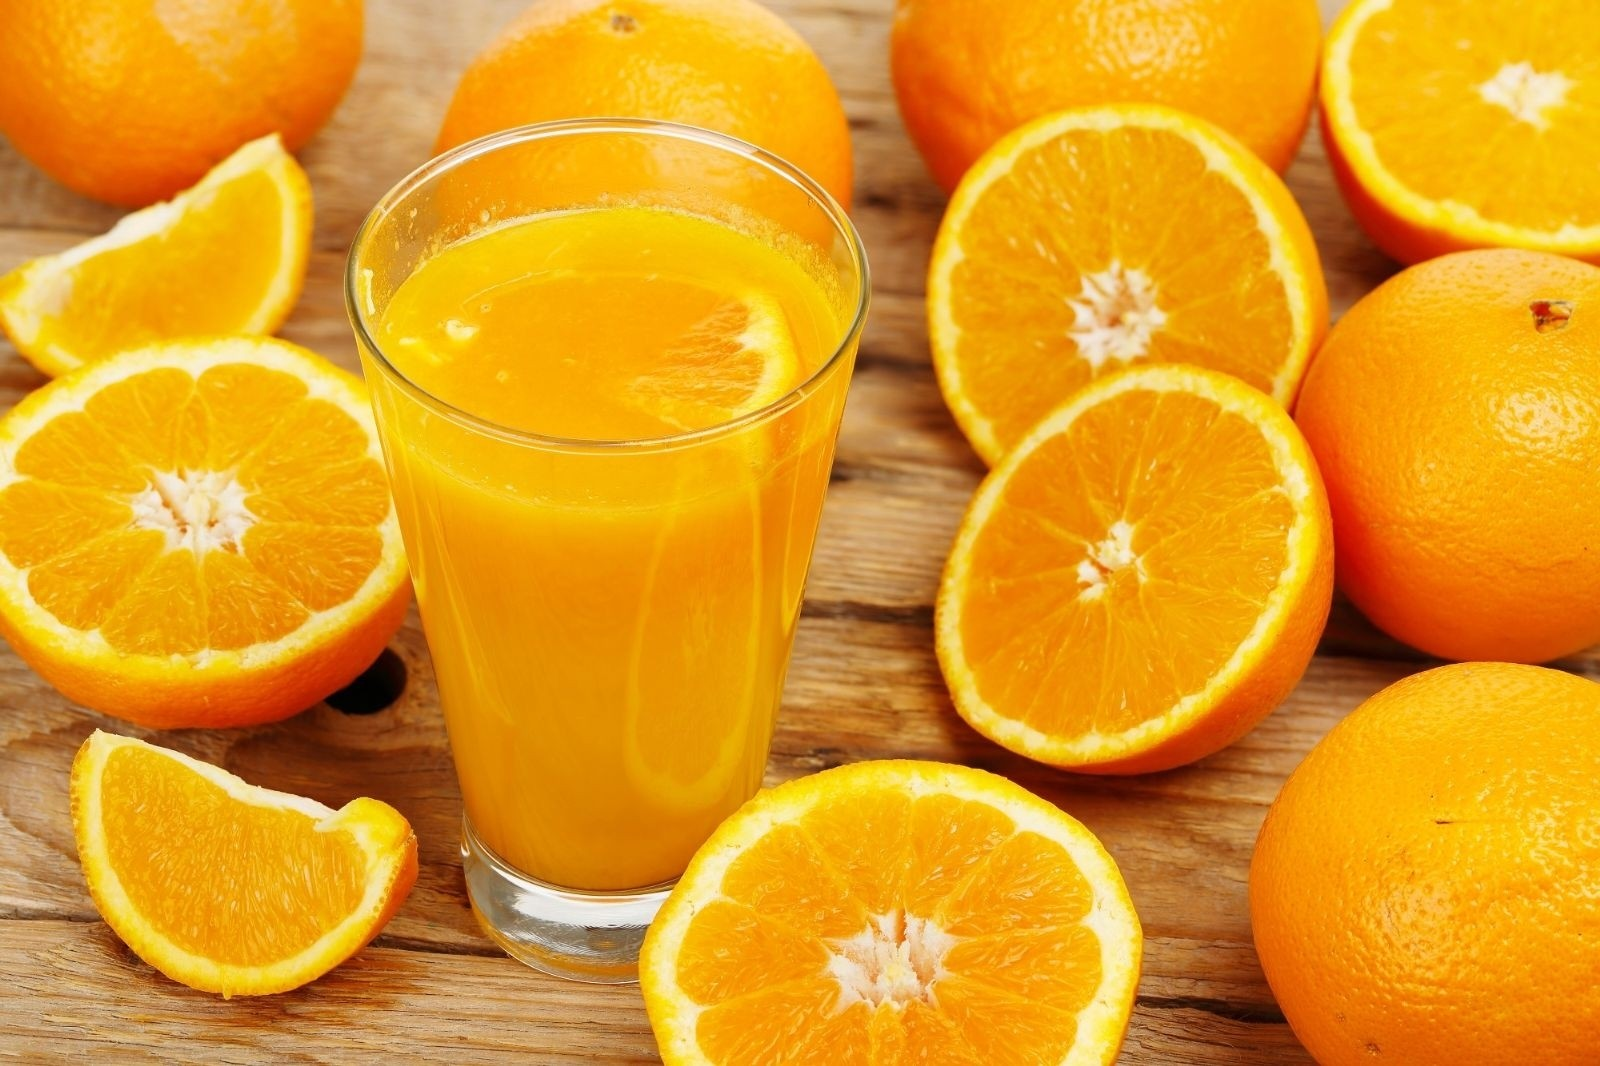 Mẹ bầu sẽ yên tâm hơn với sự có mặt của cam trong thực đơn của mình khi bị tiểu đường